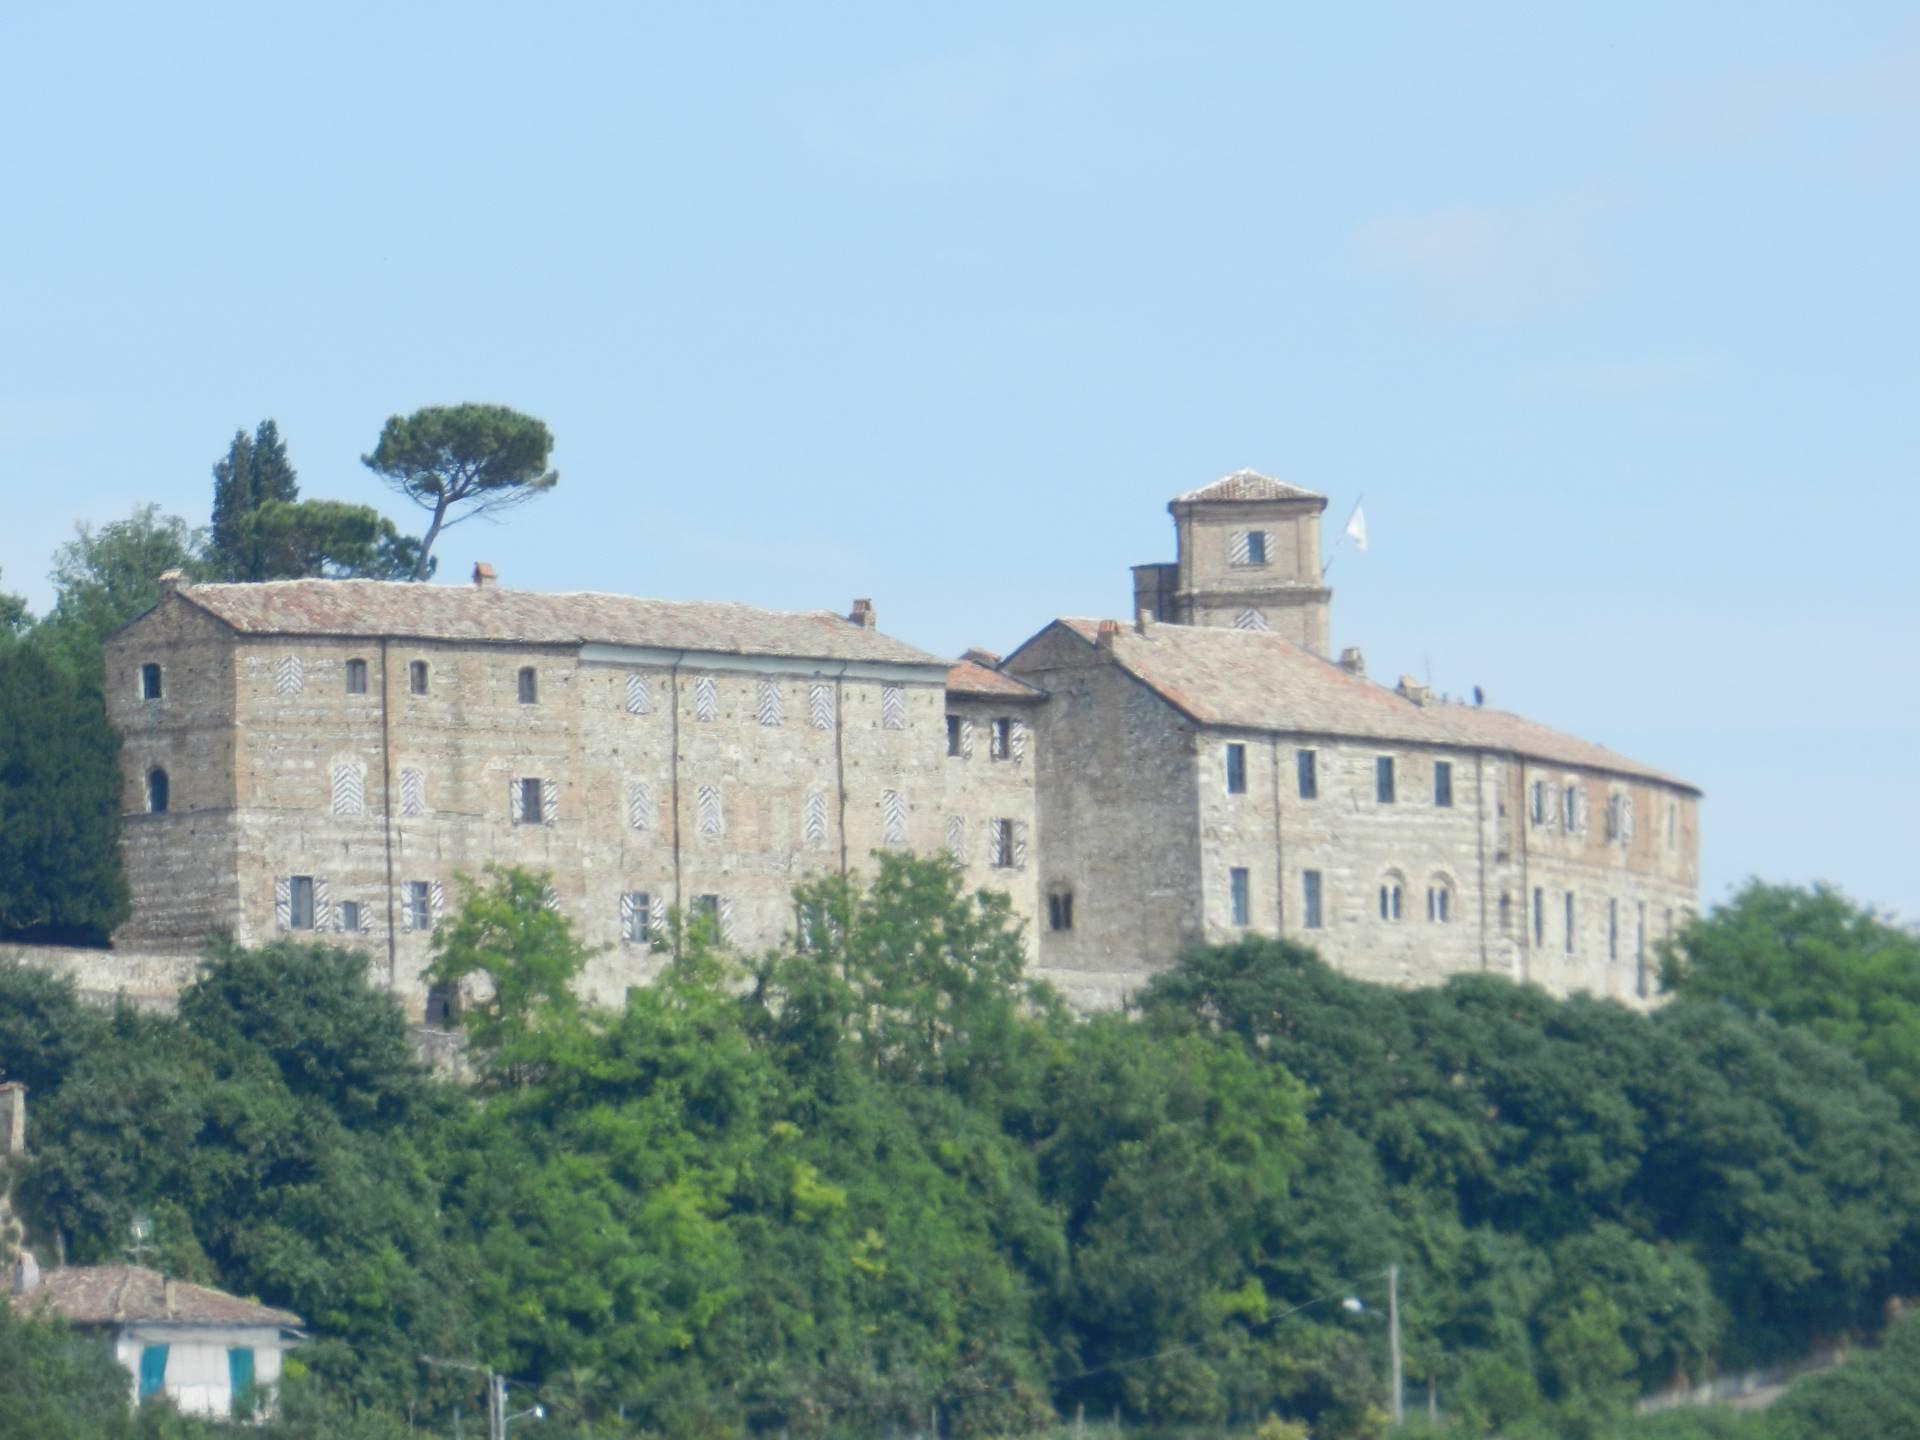 Montiglio Monferrato, Via Vincenzo Coconito